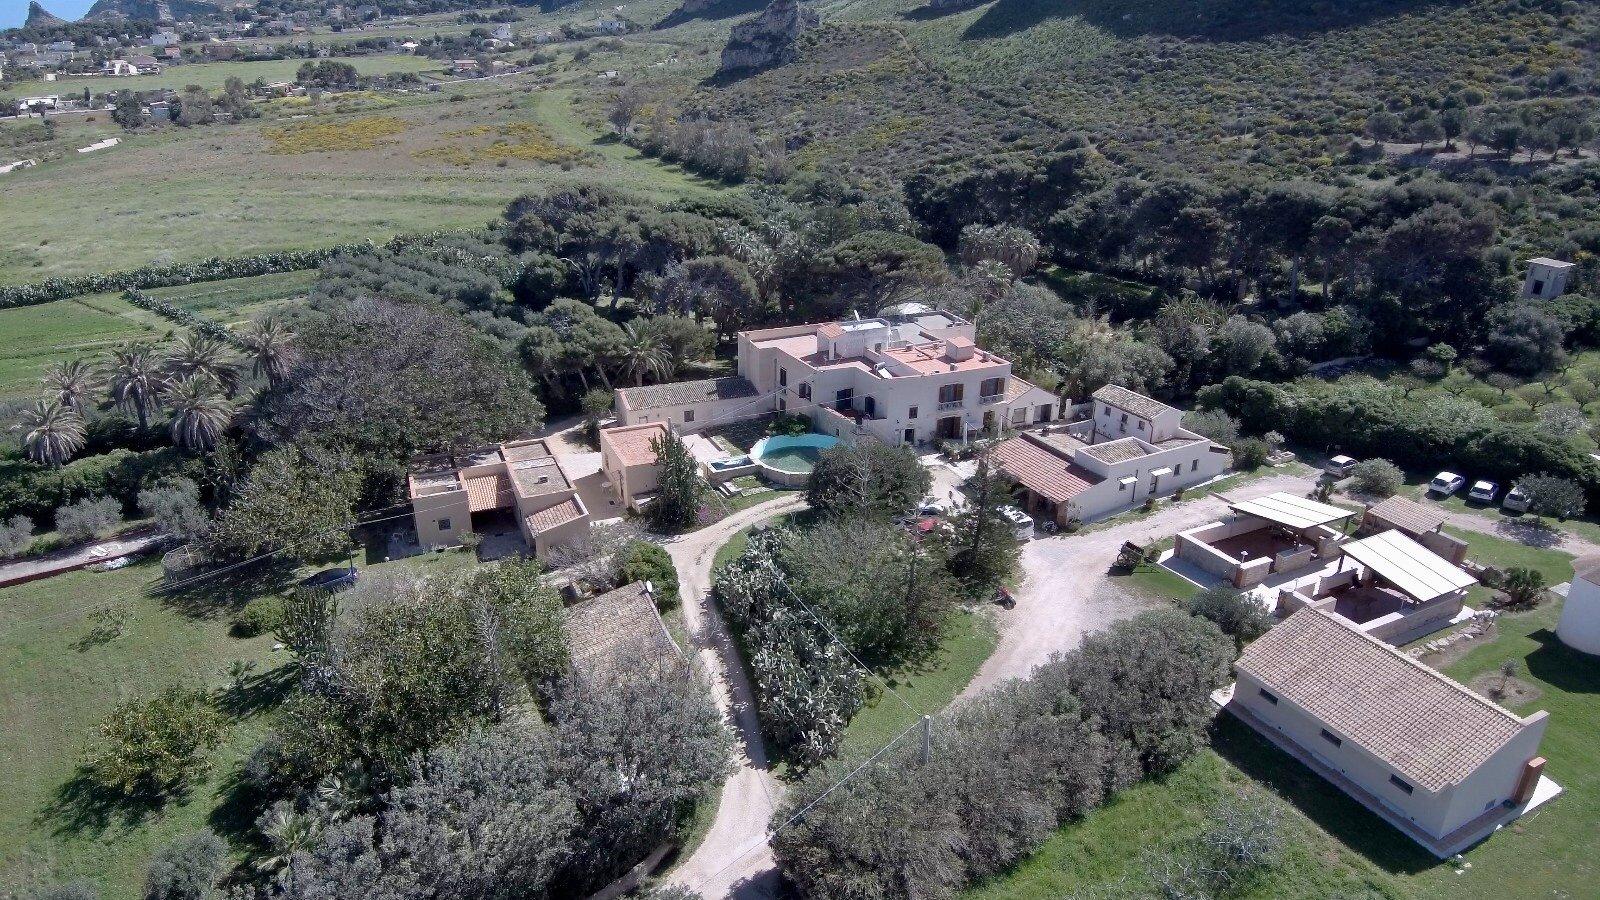 Azienda Agrituristica Pizzolungo